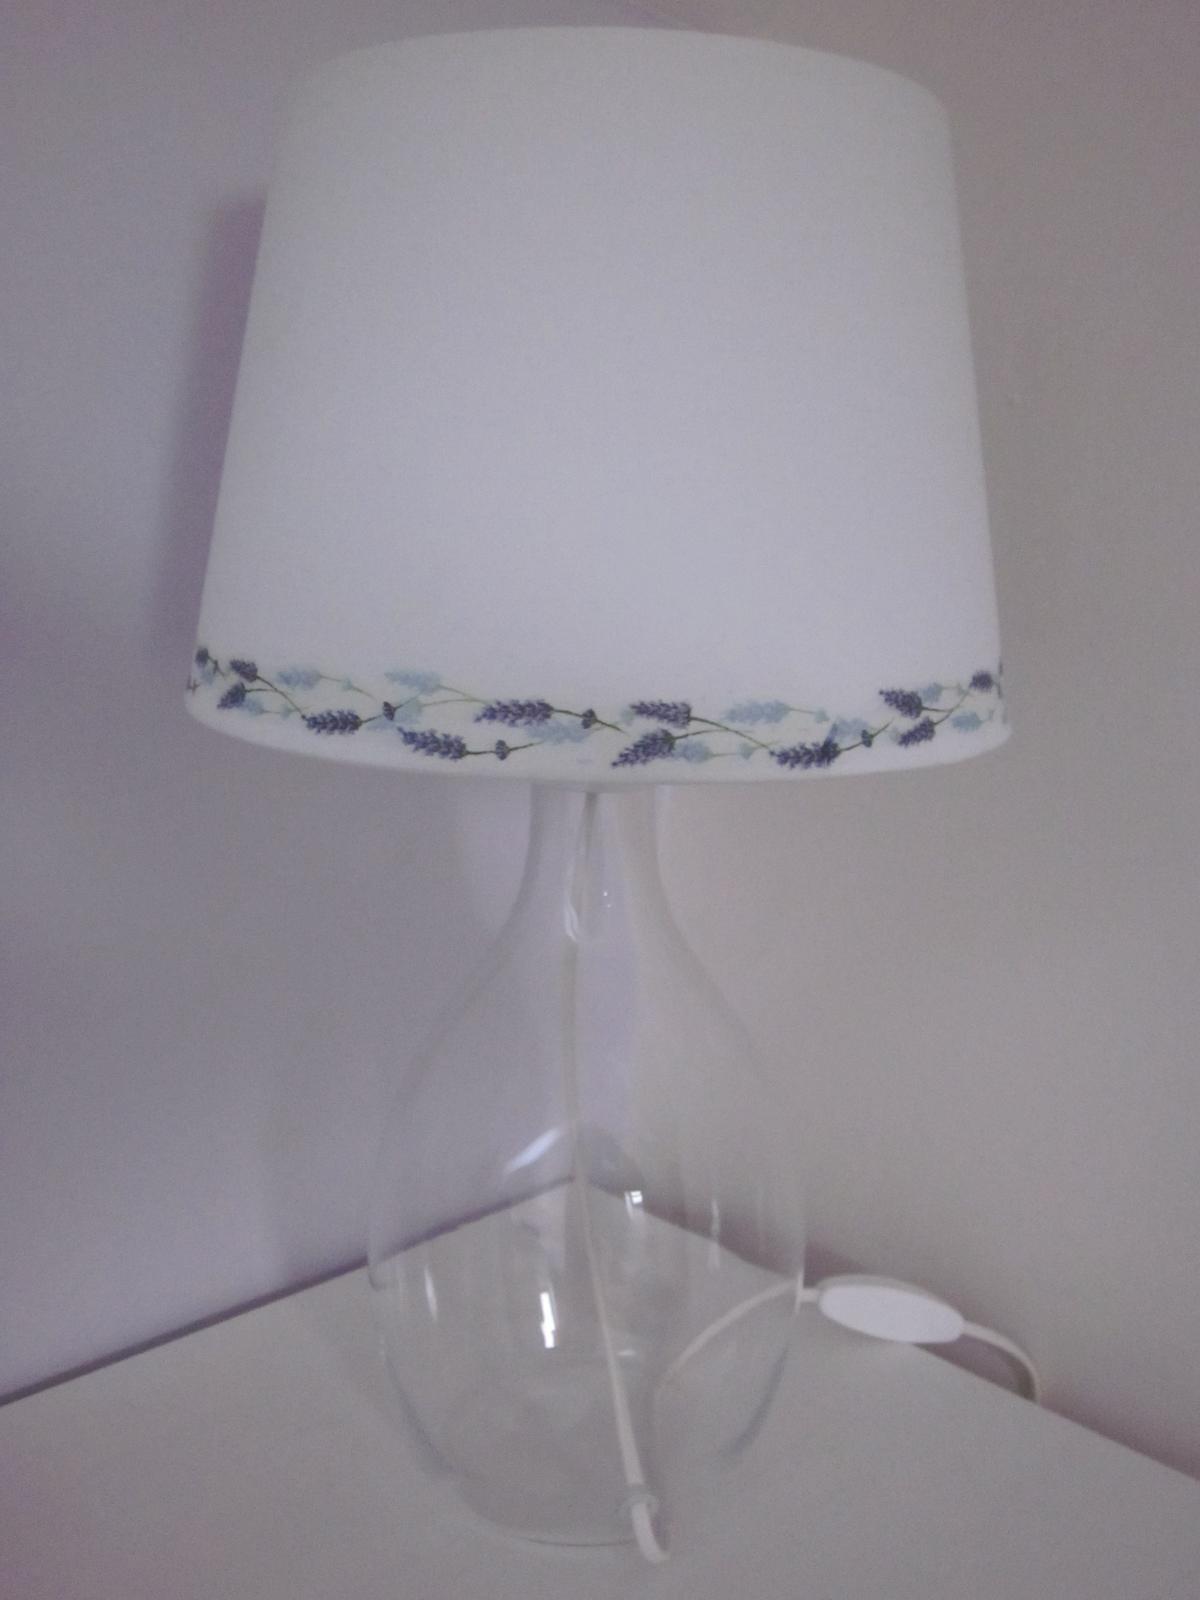 Moje výtvory - Tak dlouho jsem scháněla stínudlo na lampu s levandulemi, až jsem se naštvala a udělala si ho :-)